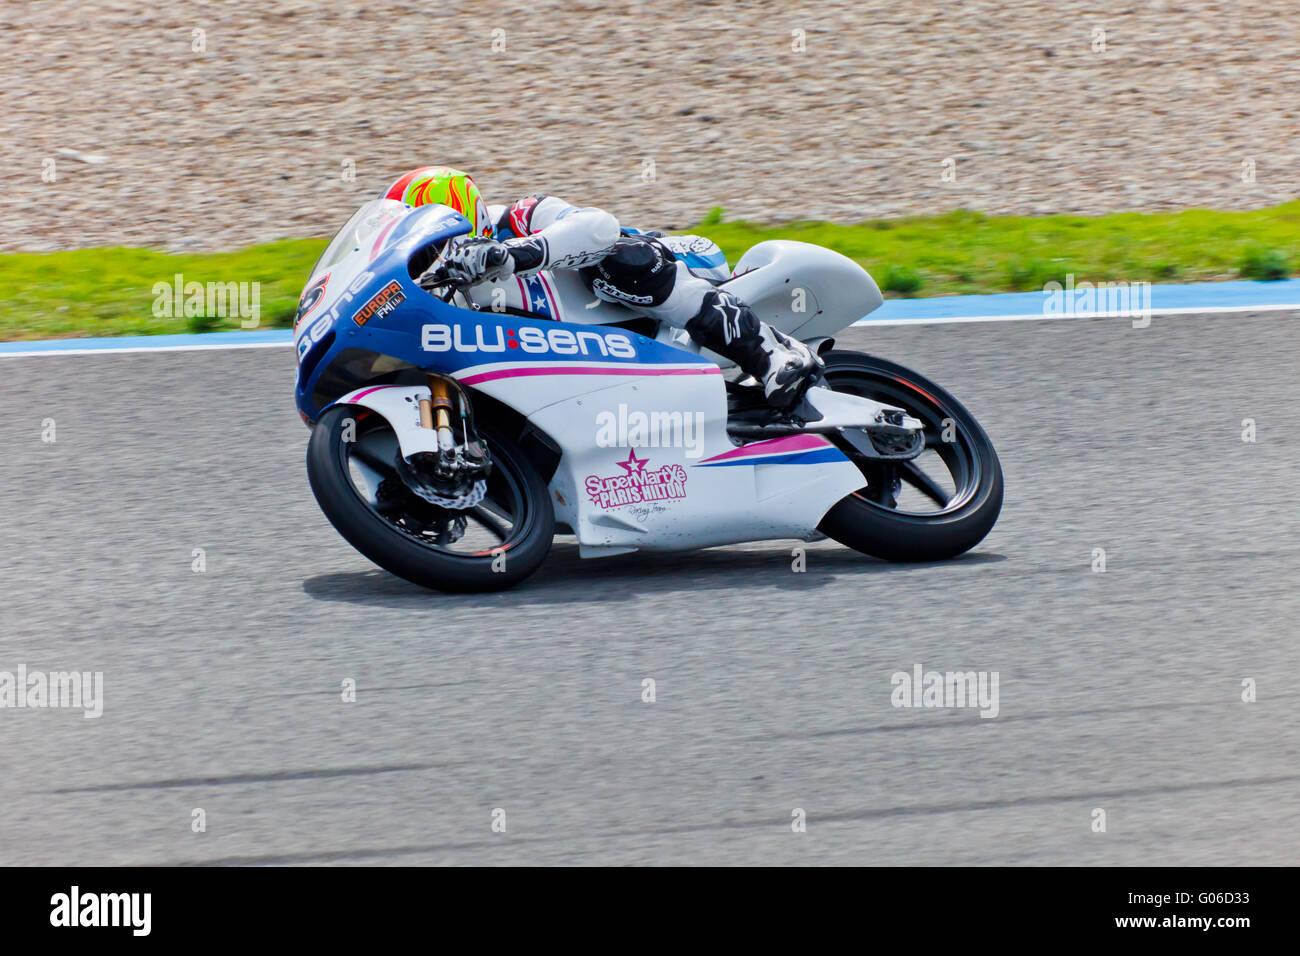 Maverick Viñales pilot of 125cc  of the MotoGP - Stock Image